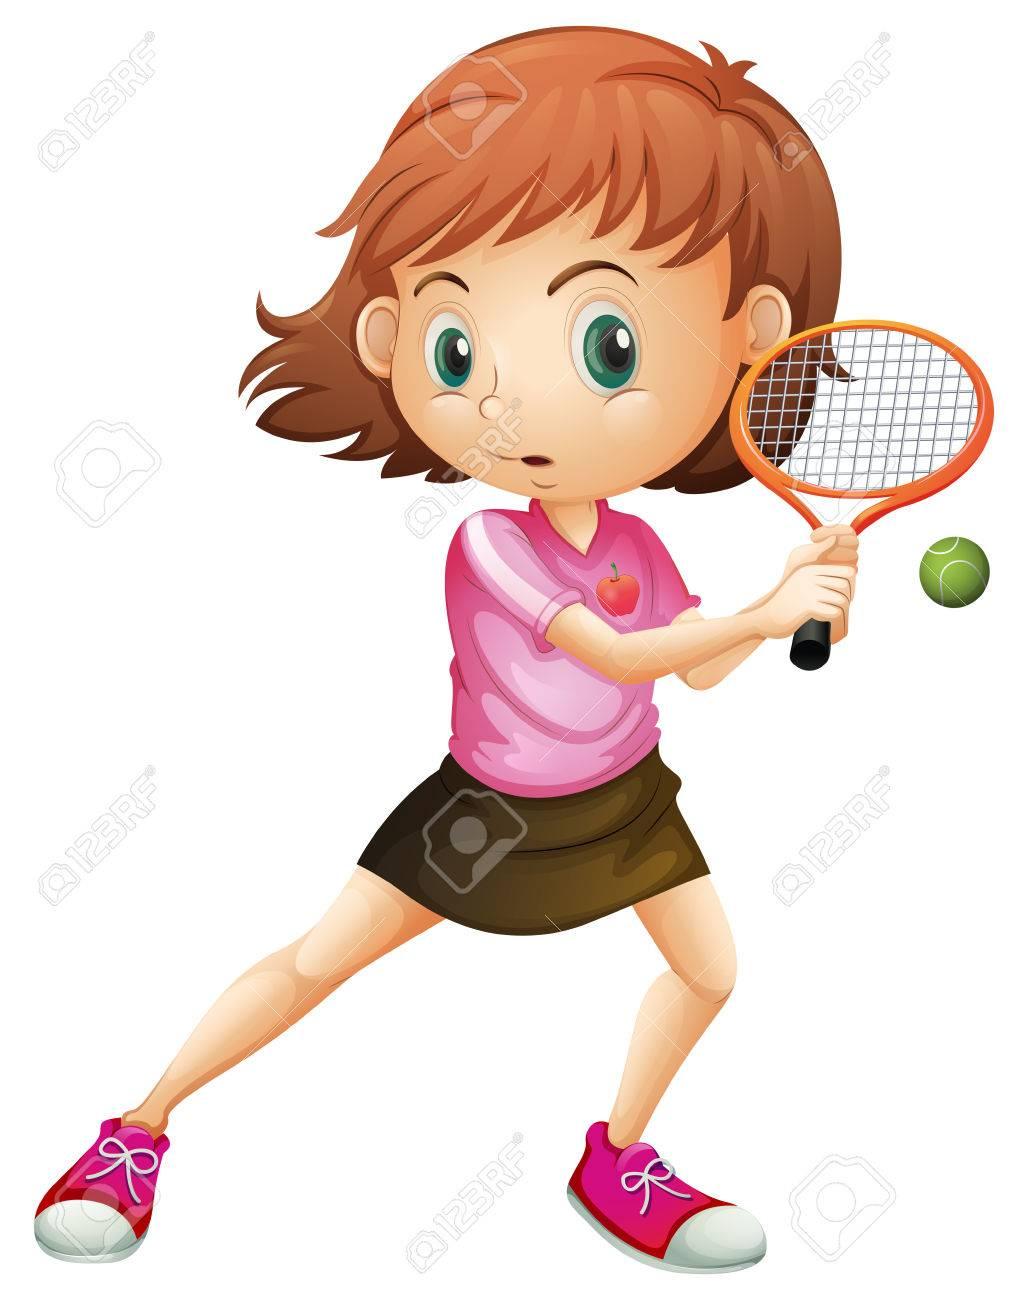 白い背景でテニスをして若い女の子のイラスト ロイヤリティフリー